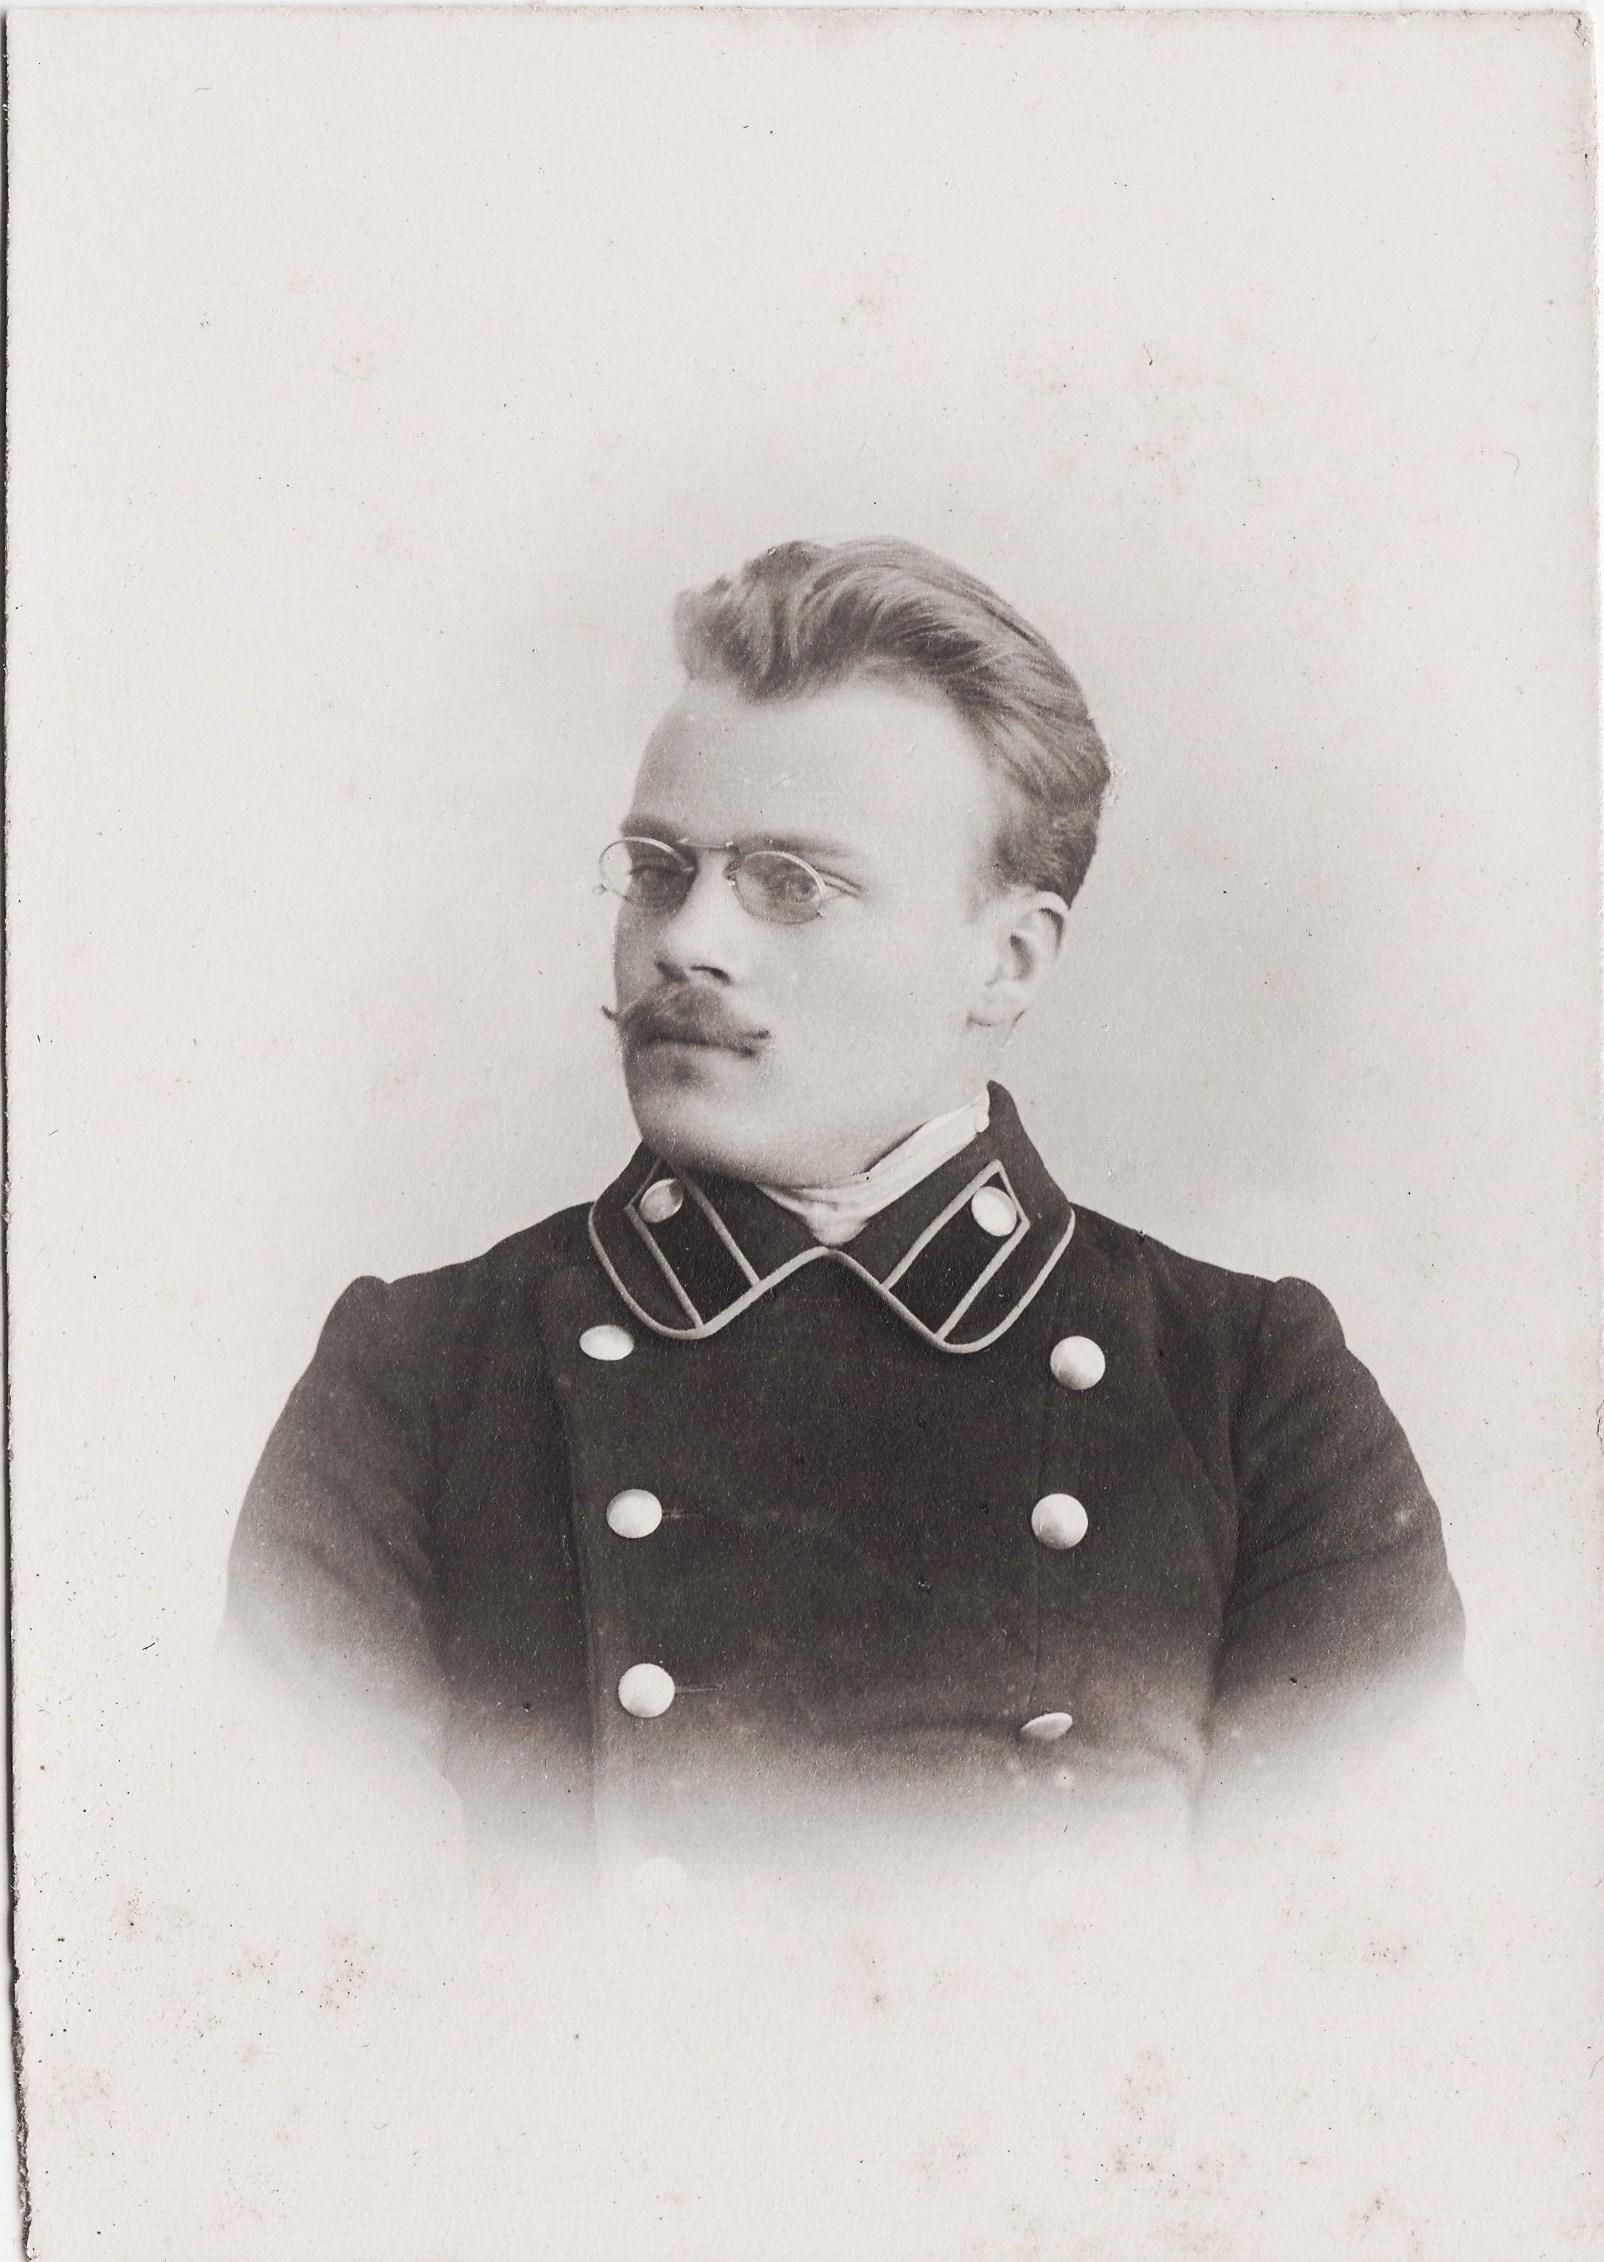 Студент Дмитревский Аркадий Николаевич. II отделение 1 разряд